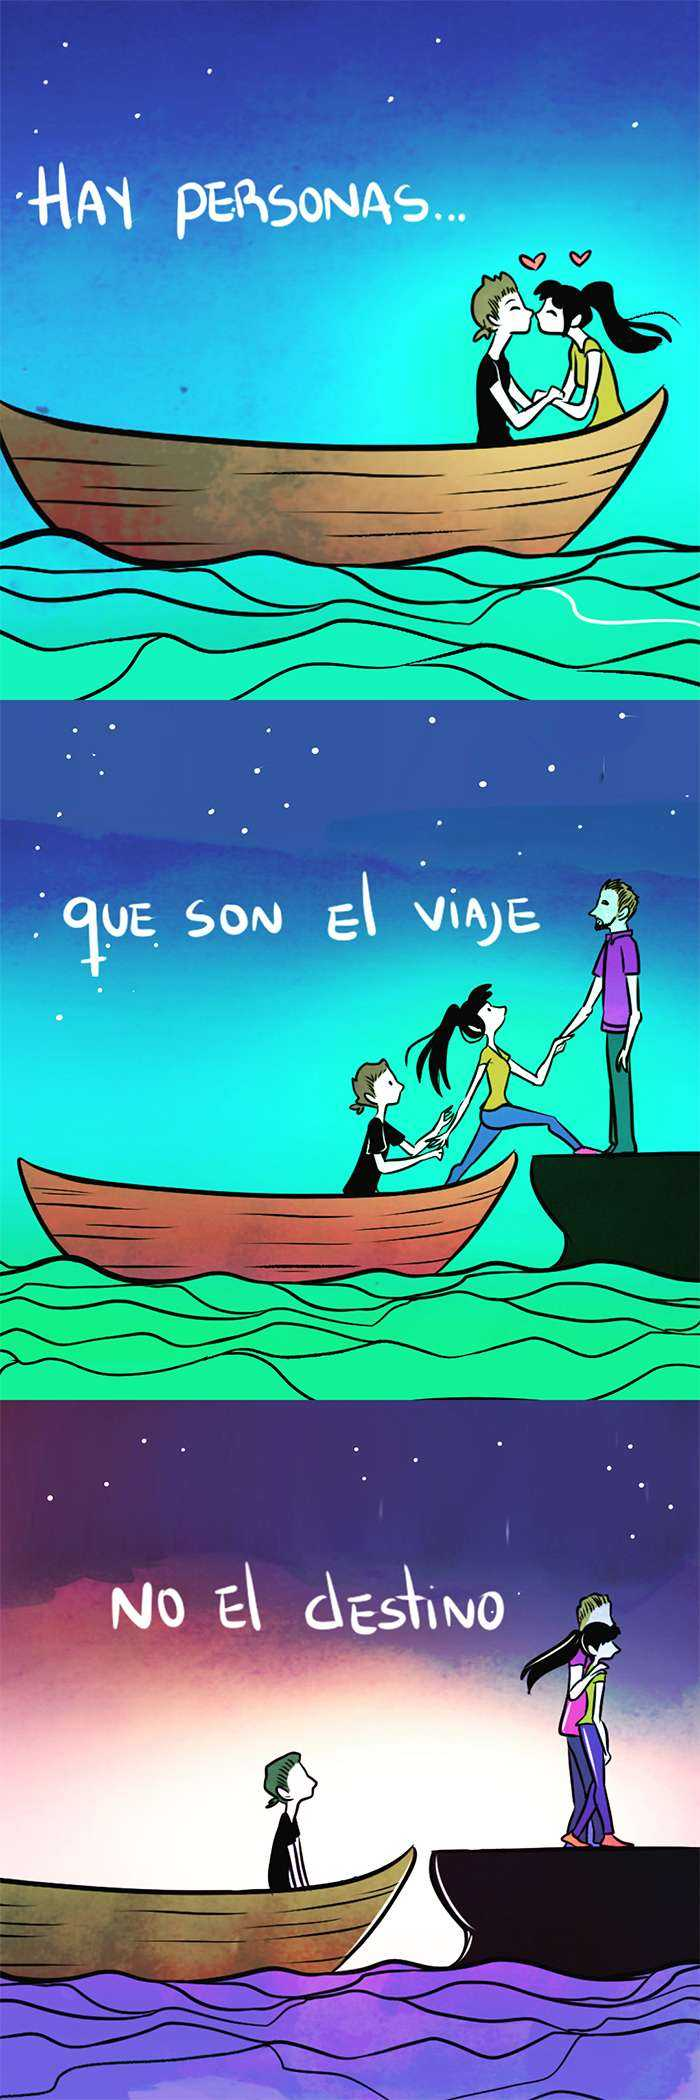 1528111843 439 20 comics sencillos pero elocuentes creados por una dibujante venezolana que te haran pensar y sonreir tambien - 20+ Cómics sencillos pero elocuentes creados por una dibujante venezolana que te harán pensar y sonreír también